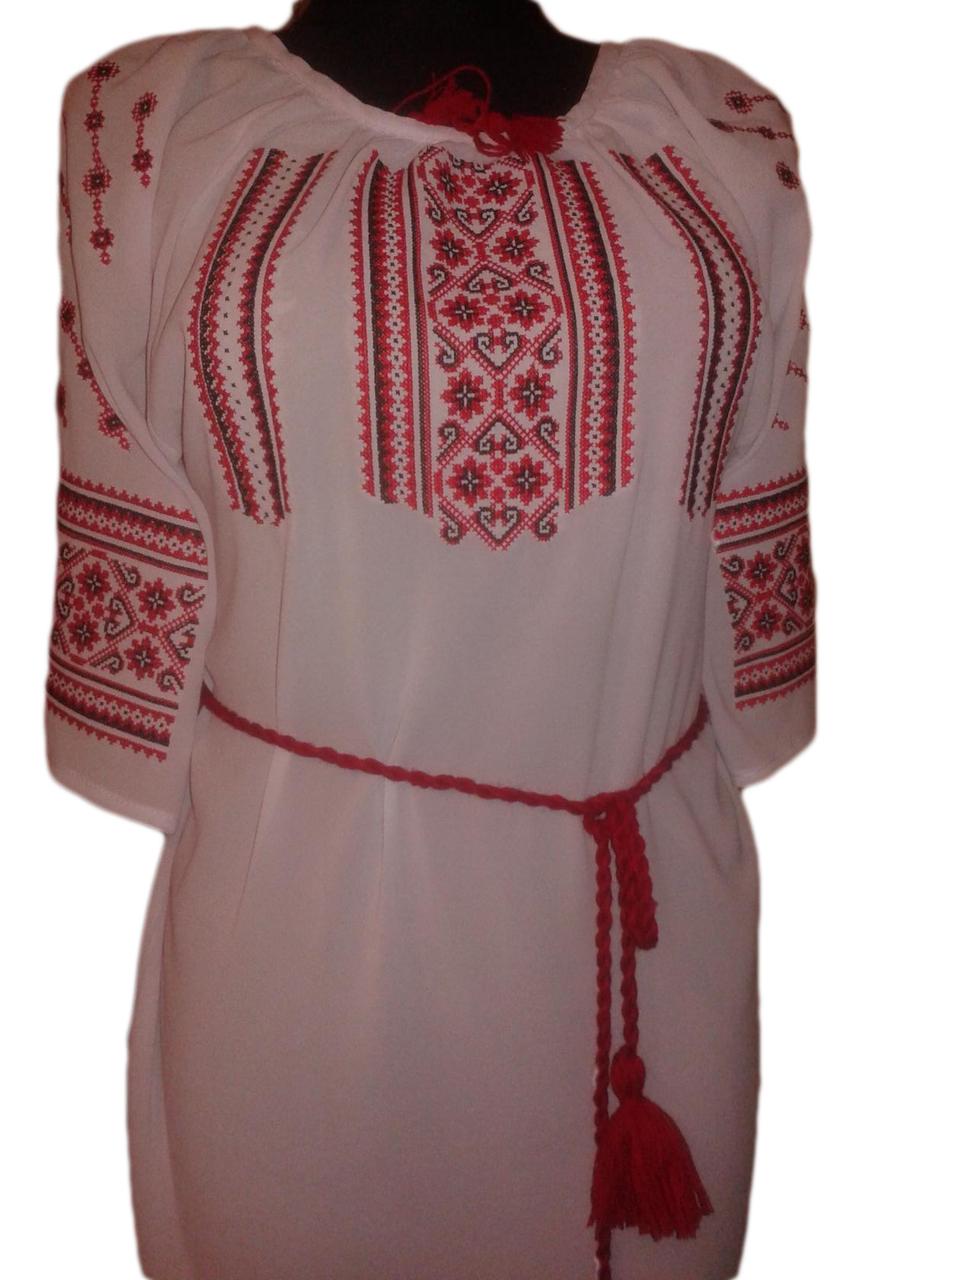 """Жіноча вишита сорочка (блузка) """"Одра"""" (Женская вышитая рубашка (блузка) """"Одра"""") BU-0013"""